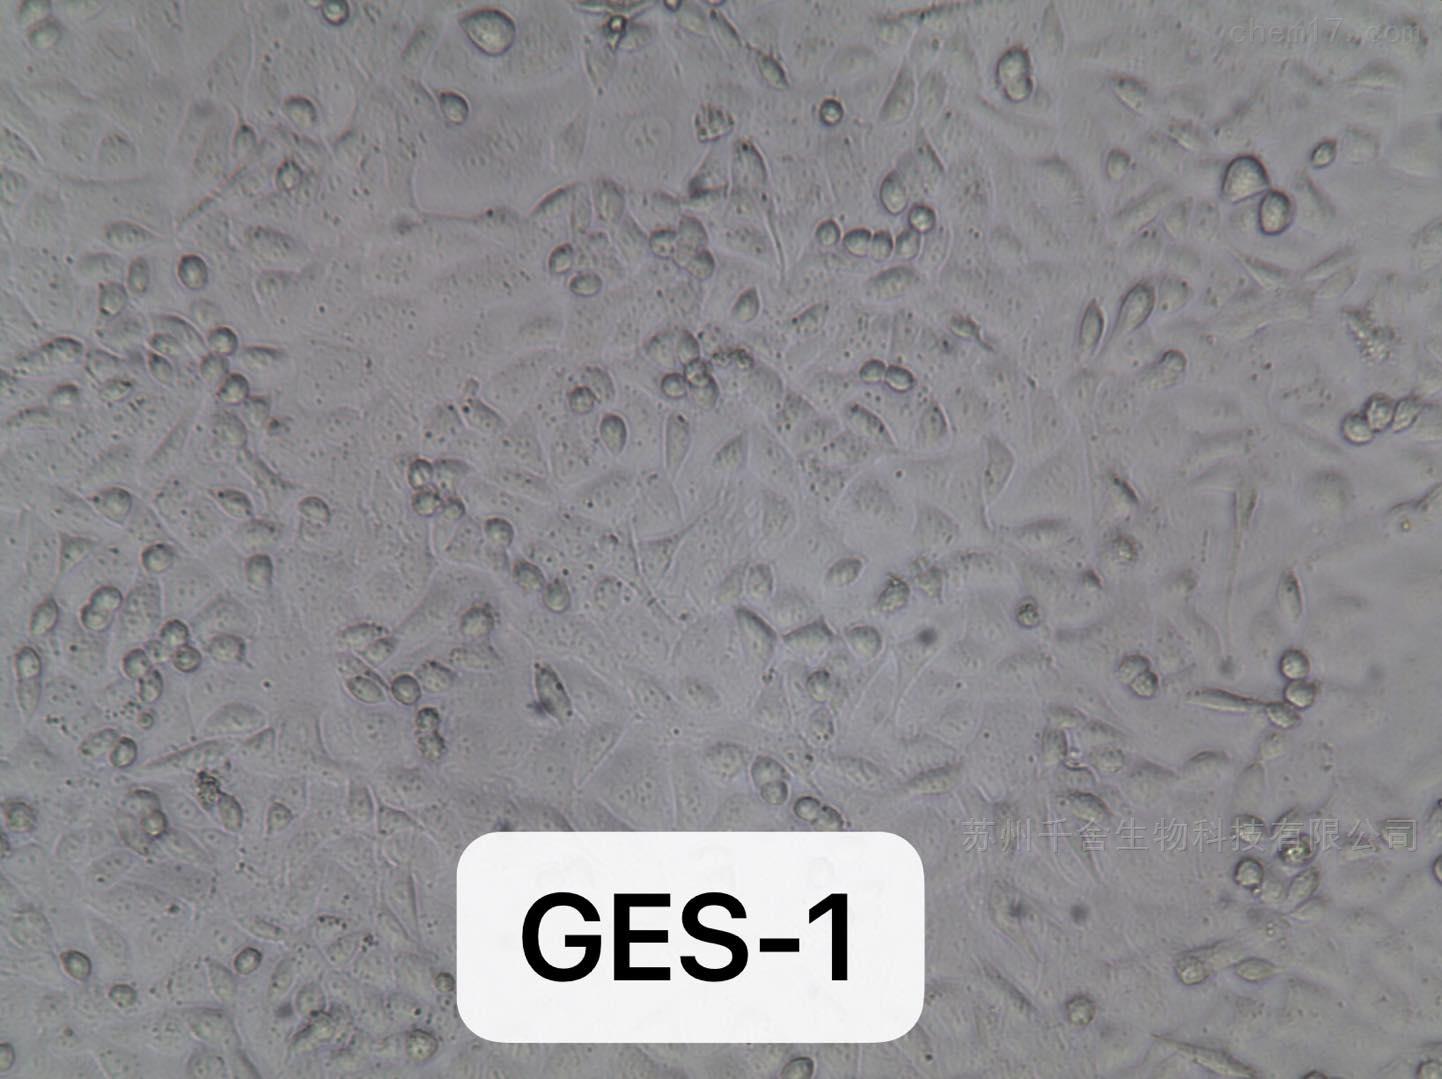 人胃正常黏膜上皮细胞GES-1 STR鉴定细胞